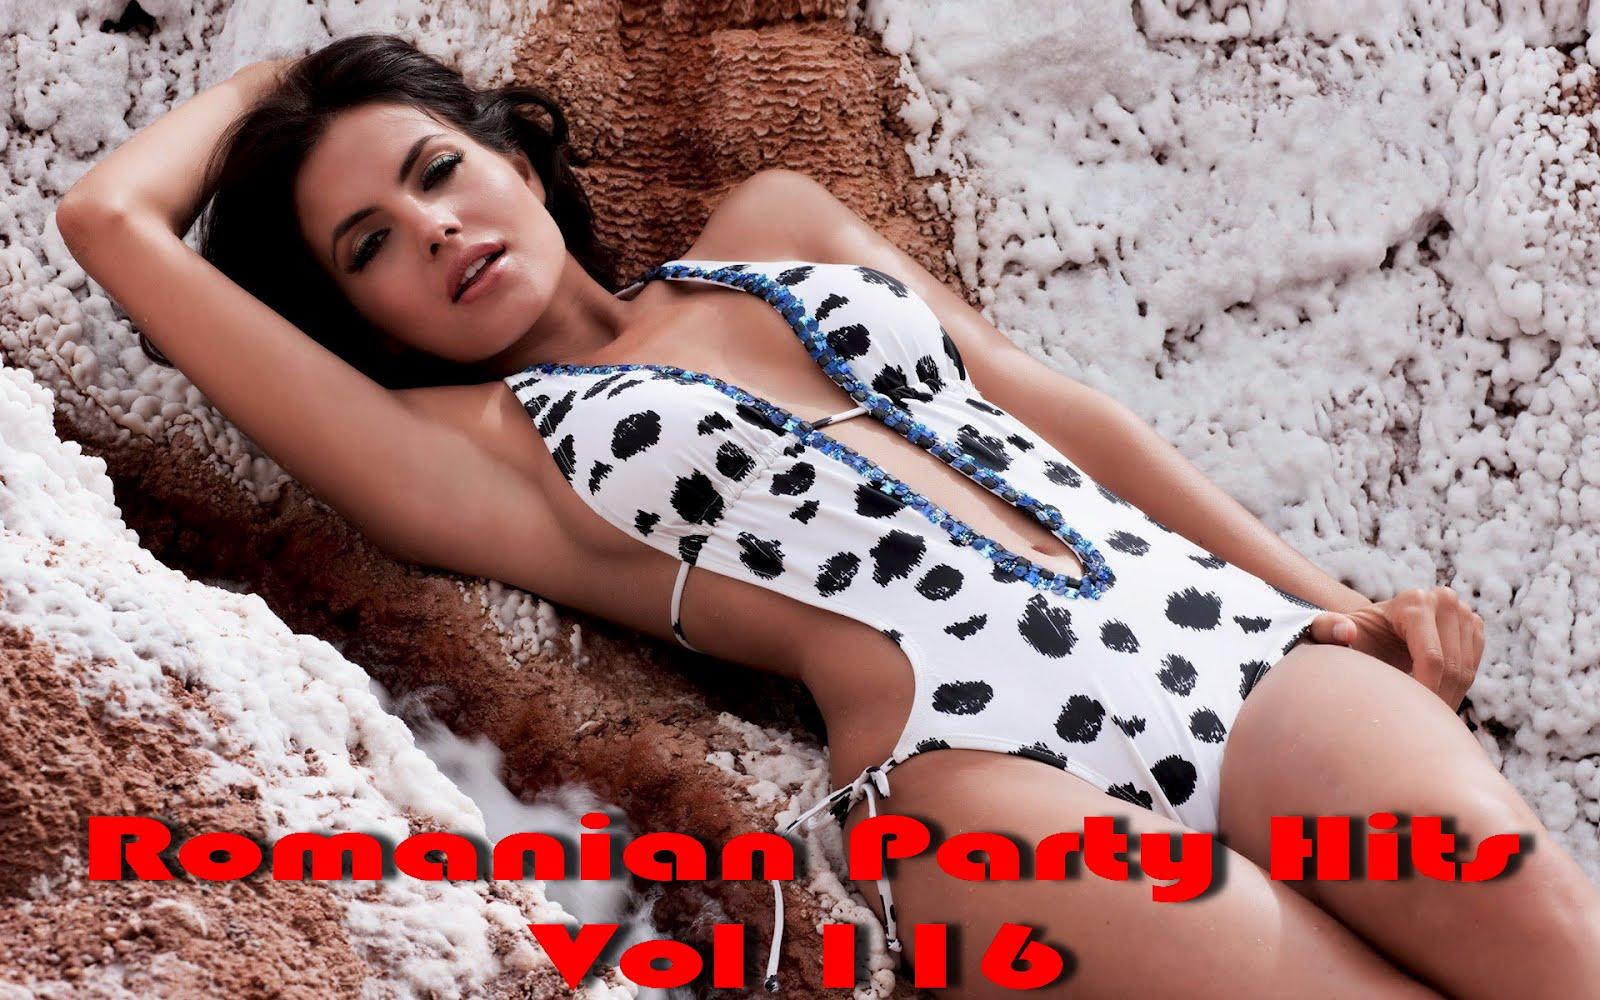 http://3.bp.blogspot.com/-aBCOQoFbsyQ/Tygca7sZycI/AAAAAAAAAJw/H2SSz-B6pMI/s1600/cover.jpg